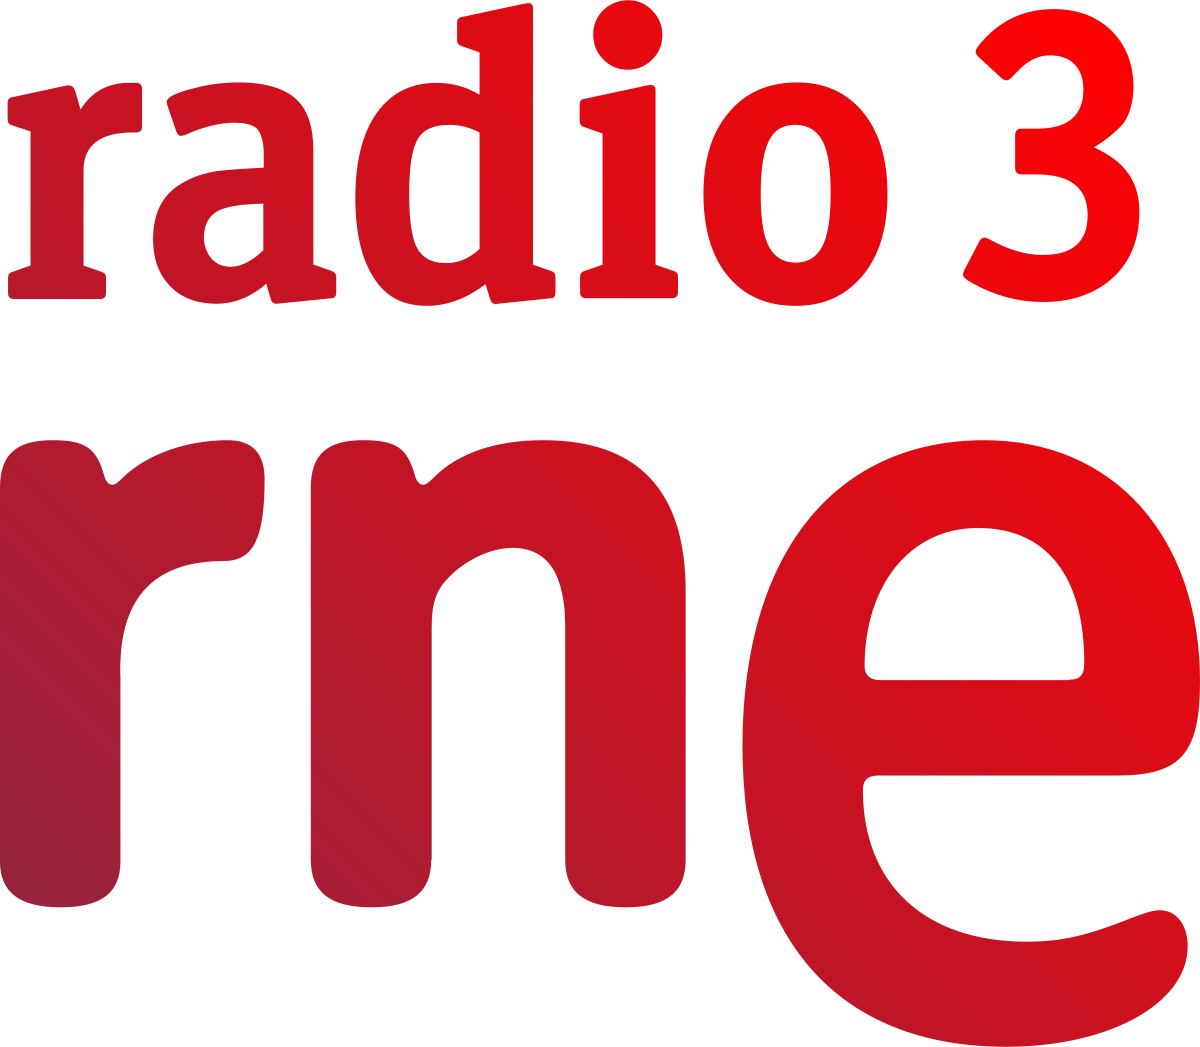 Tata Quintana en Saltamontes, Radio 3, con su nuevo disco Aliento